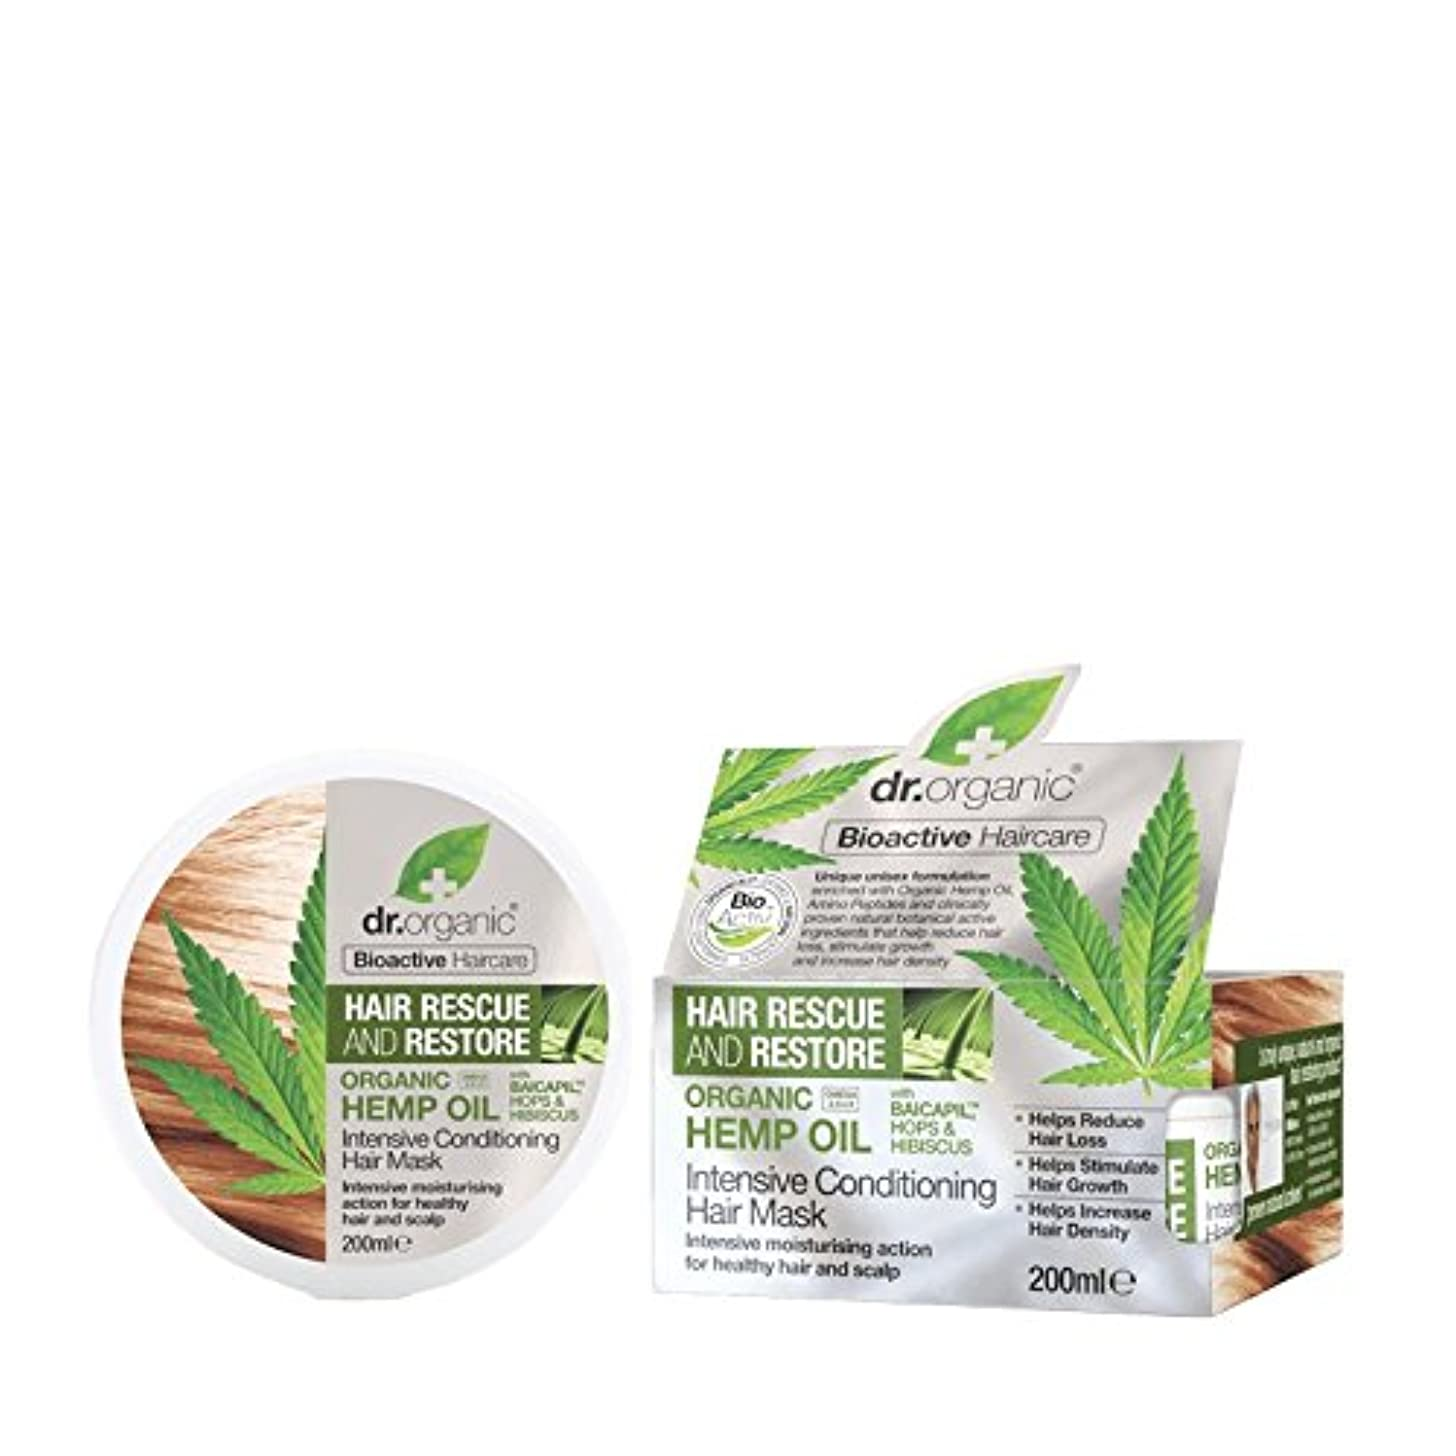 ヘルパースロット回るDr有機大麻油の集中コンディショナー200ミリリットル - Dr Organic Hemp Oil Intensive Conditioner 200ml (Dr Organic) [並行輸入品]